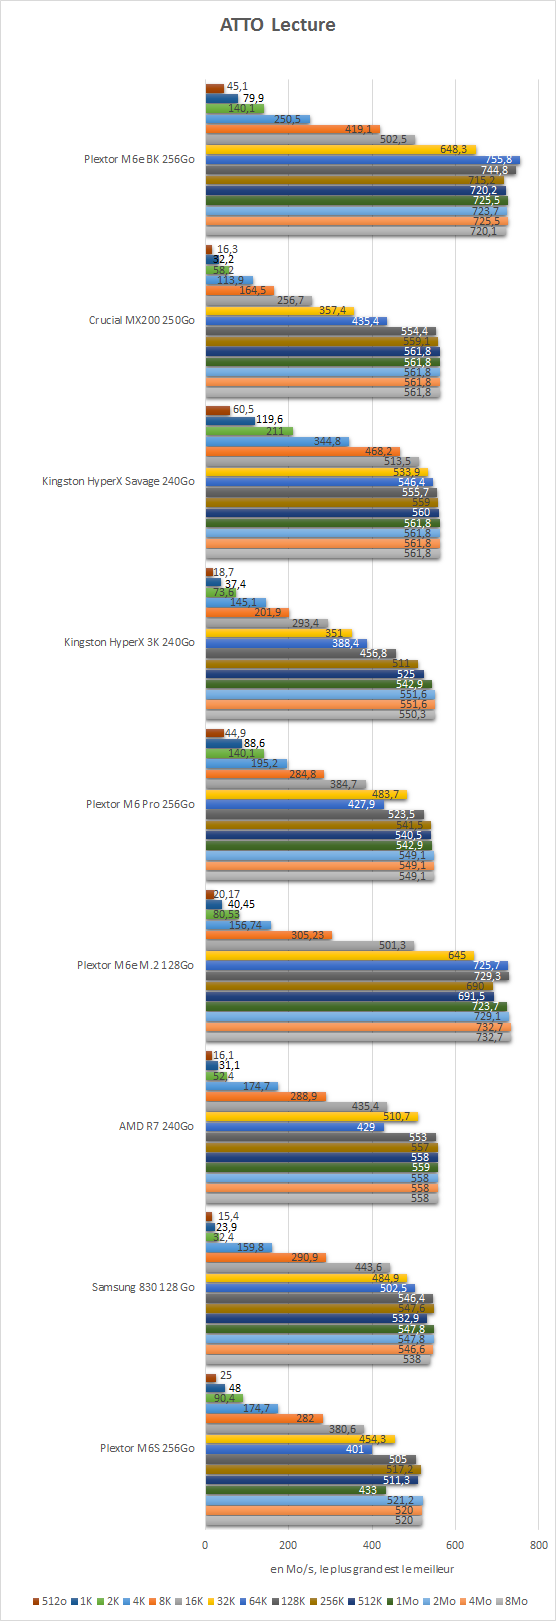 Plextor_M6e_BK_256Go_resultats_atto_lecture